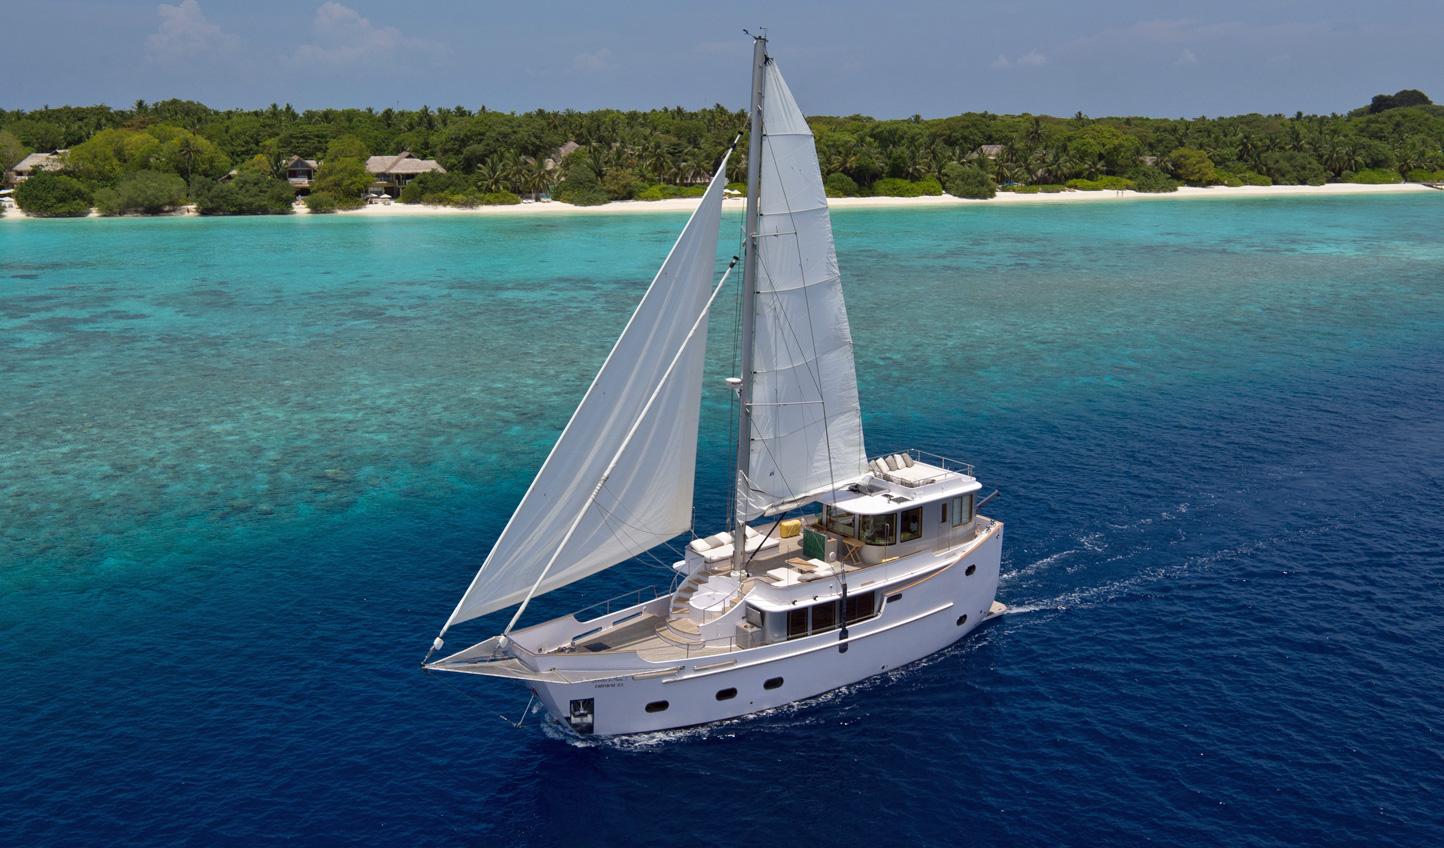 Transfer in style on board Soneva in Aqua